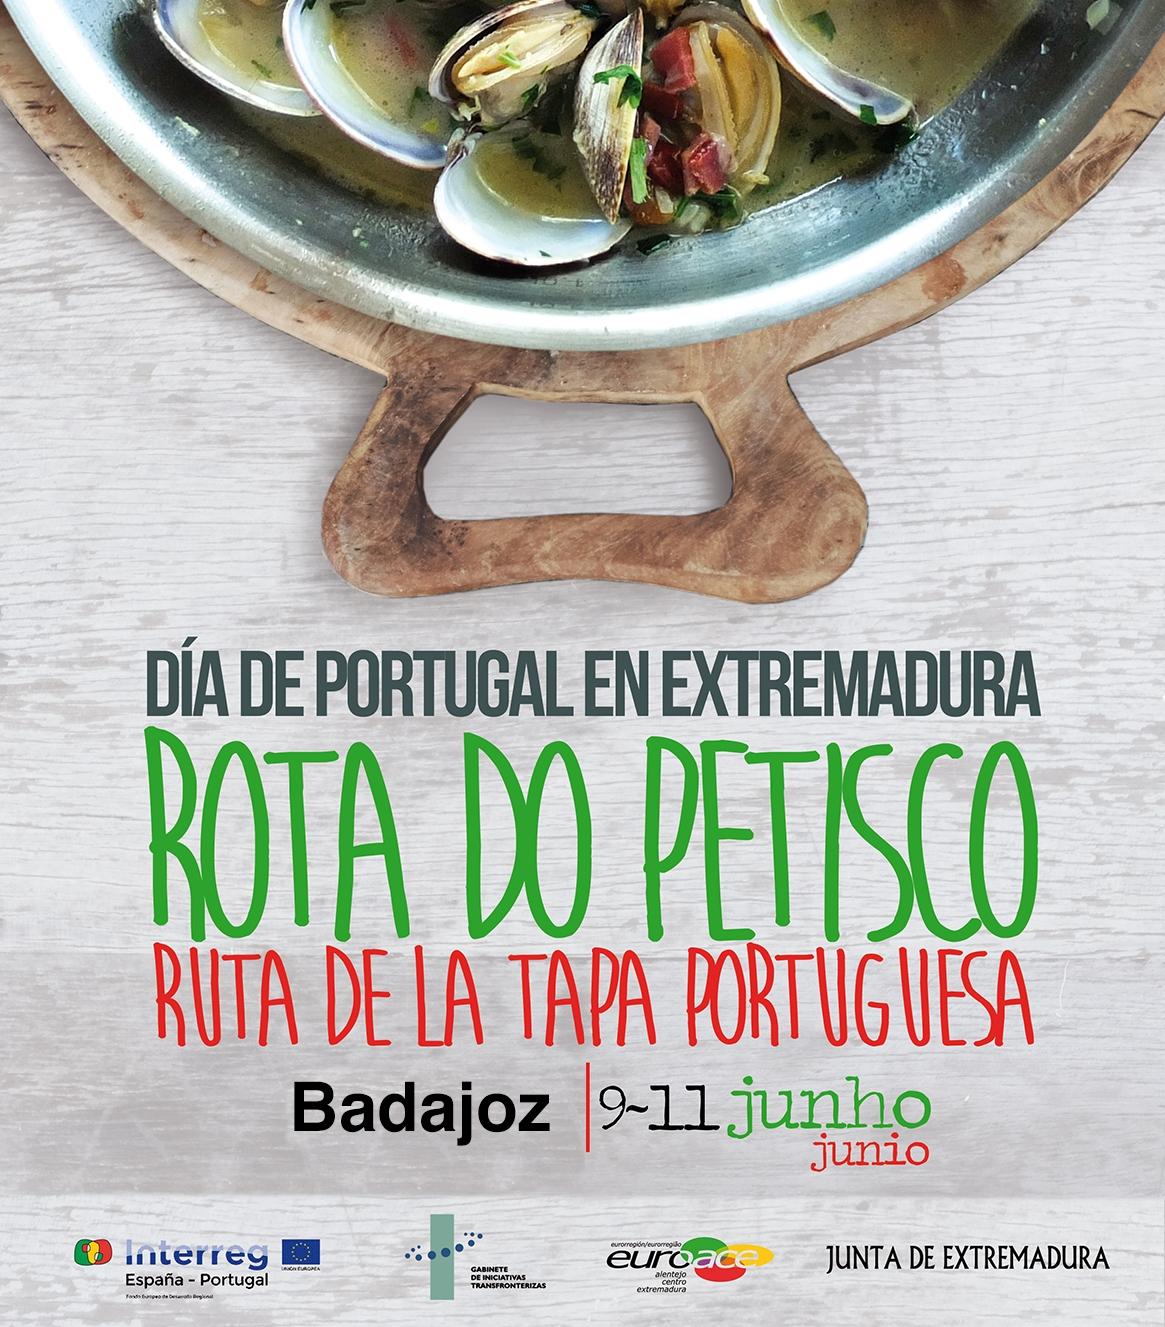 Rota do Petisco / Ruta de la Tapa portuguesa / BADAJOZ